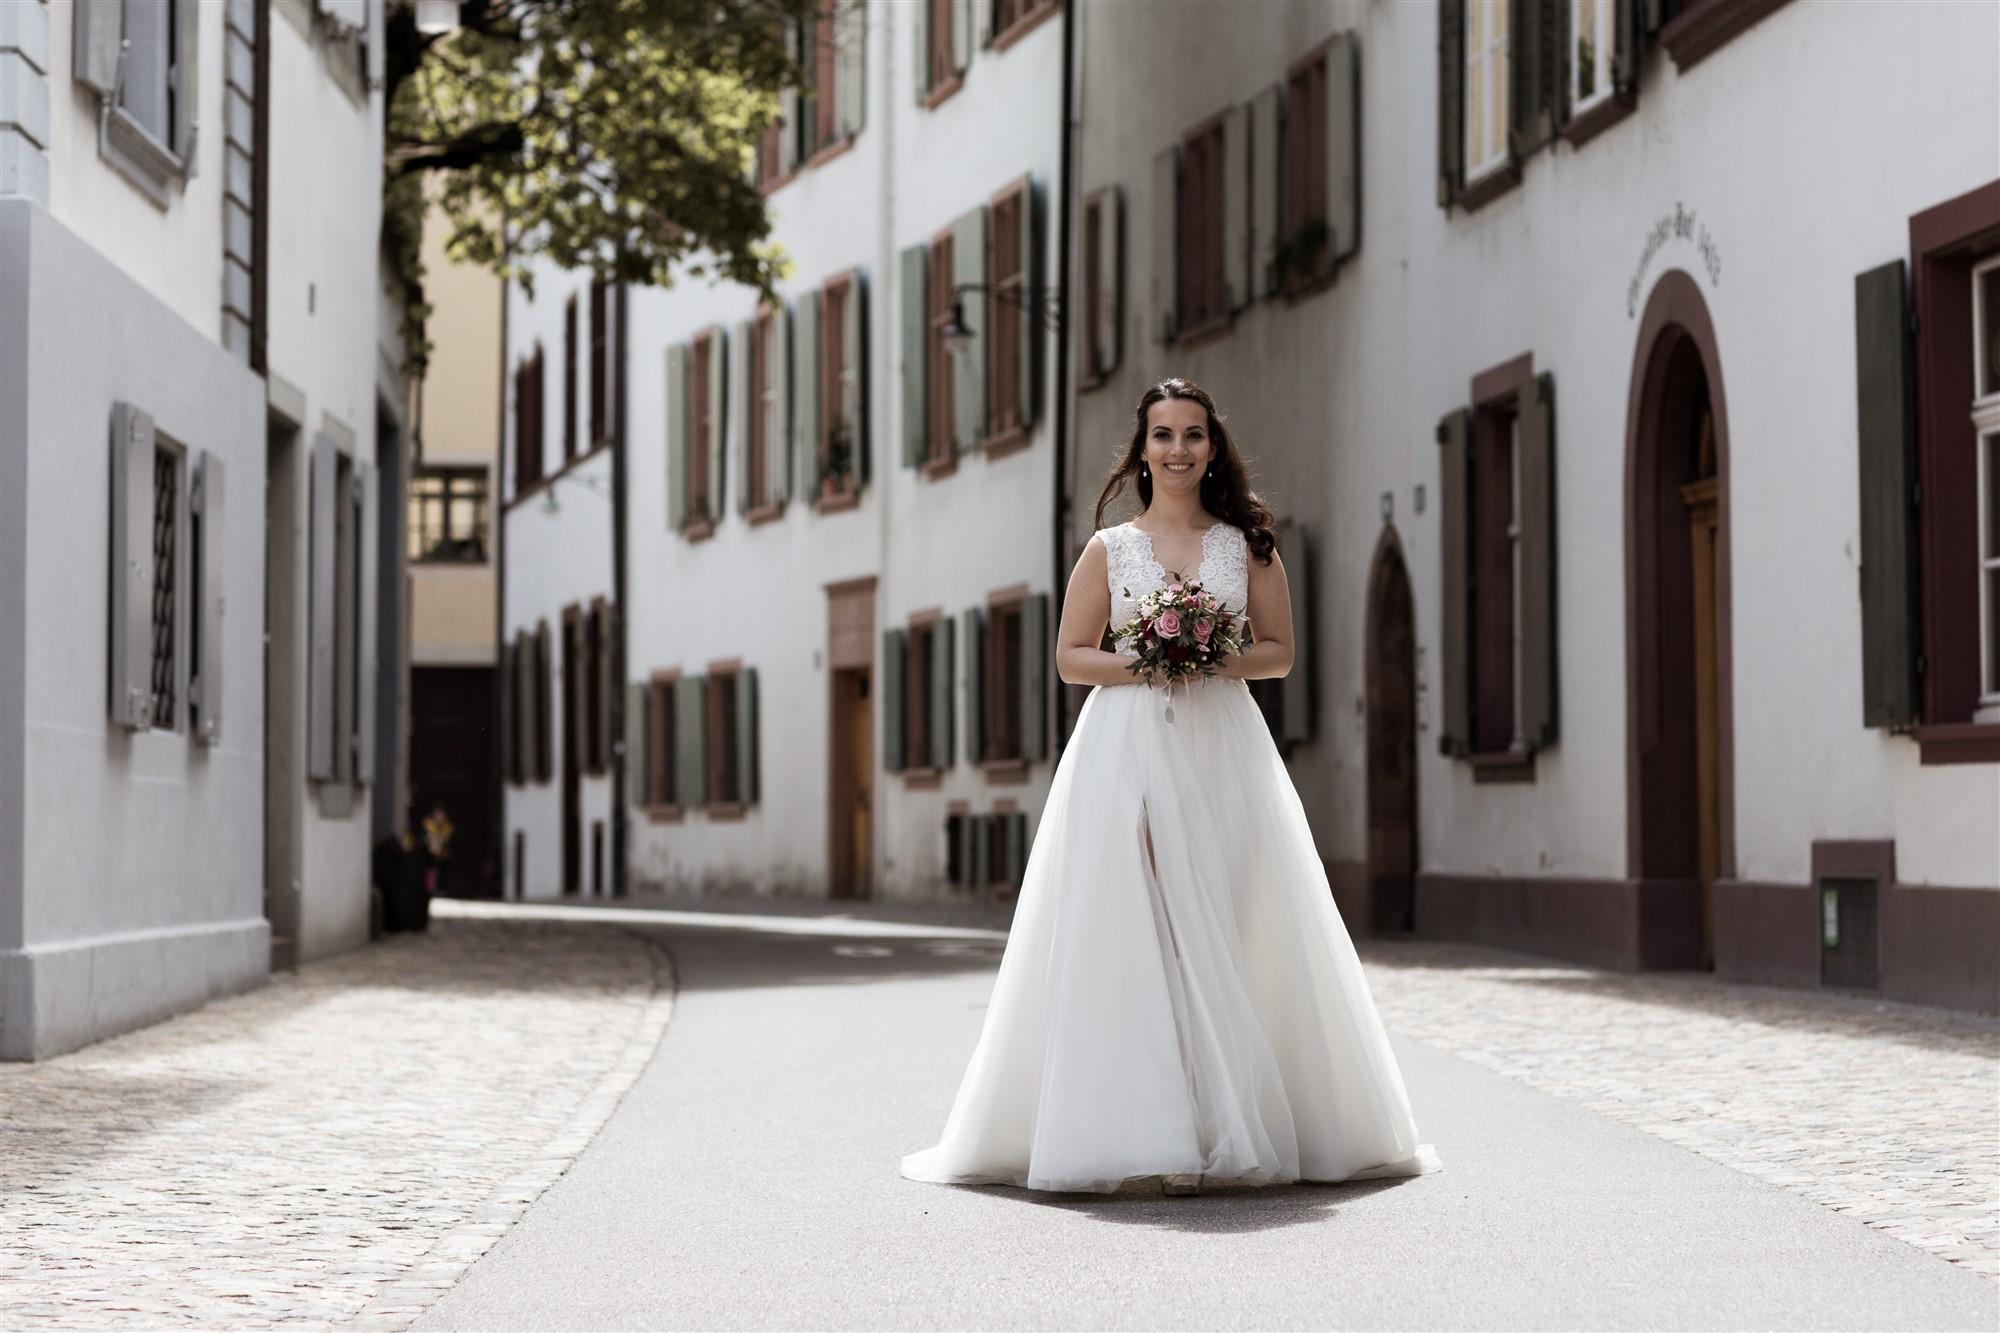 Die hübsche Braut beim Fotoshooting - Hochzeitsfotograf Basel